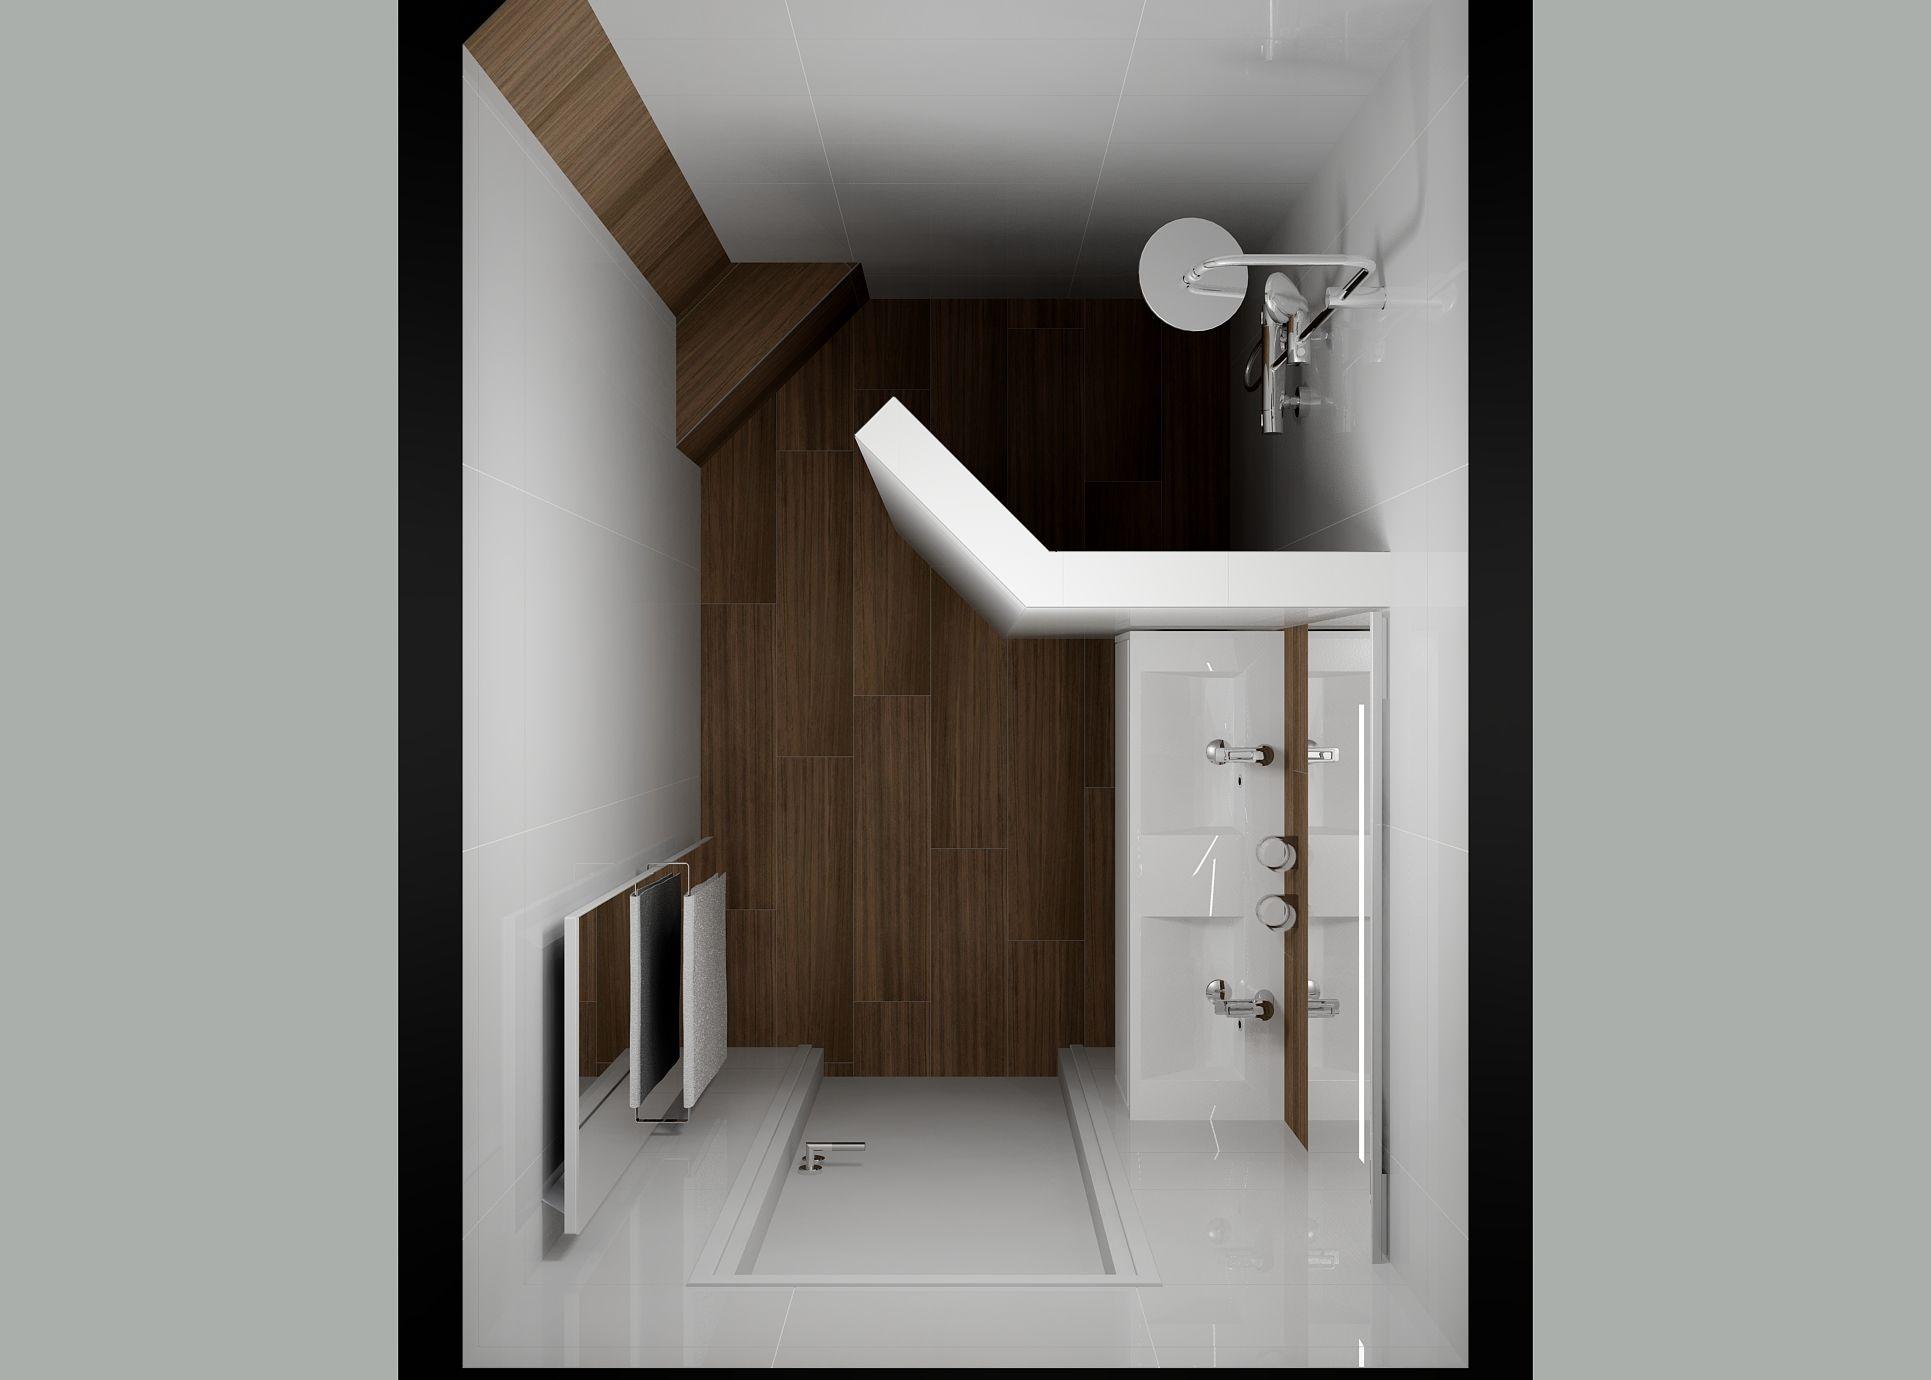 smalle kleine badkamer met inloopdouche en dubbele wastafel